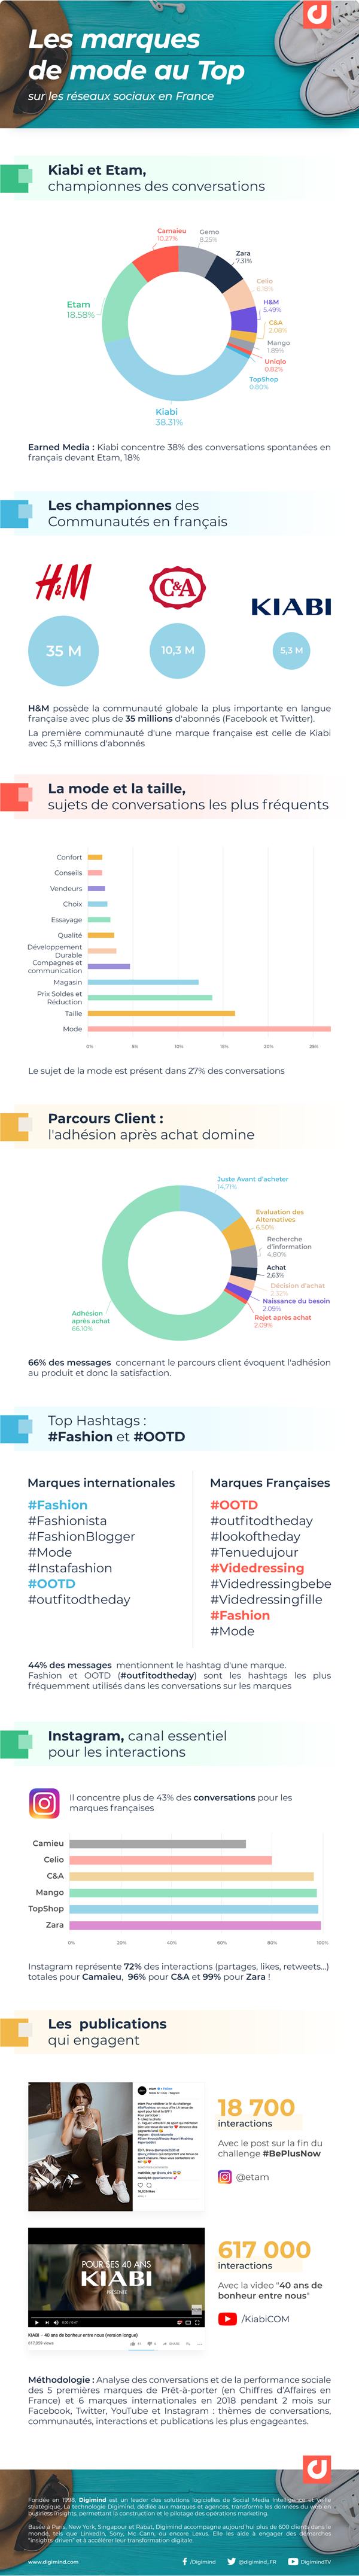 Infographie : Les marques de mode sur les réseaux sociaux en France